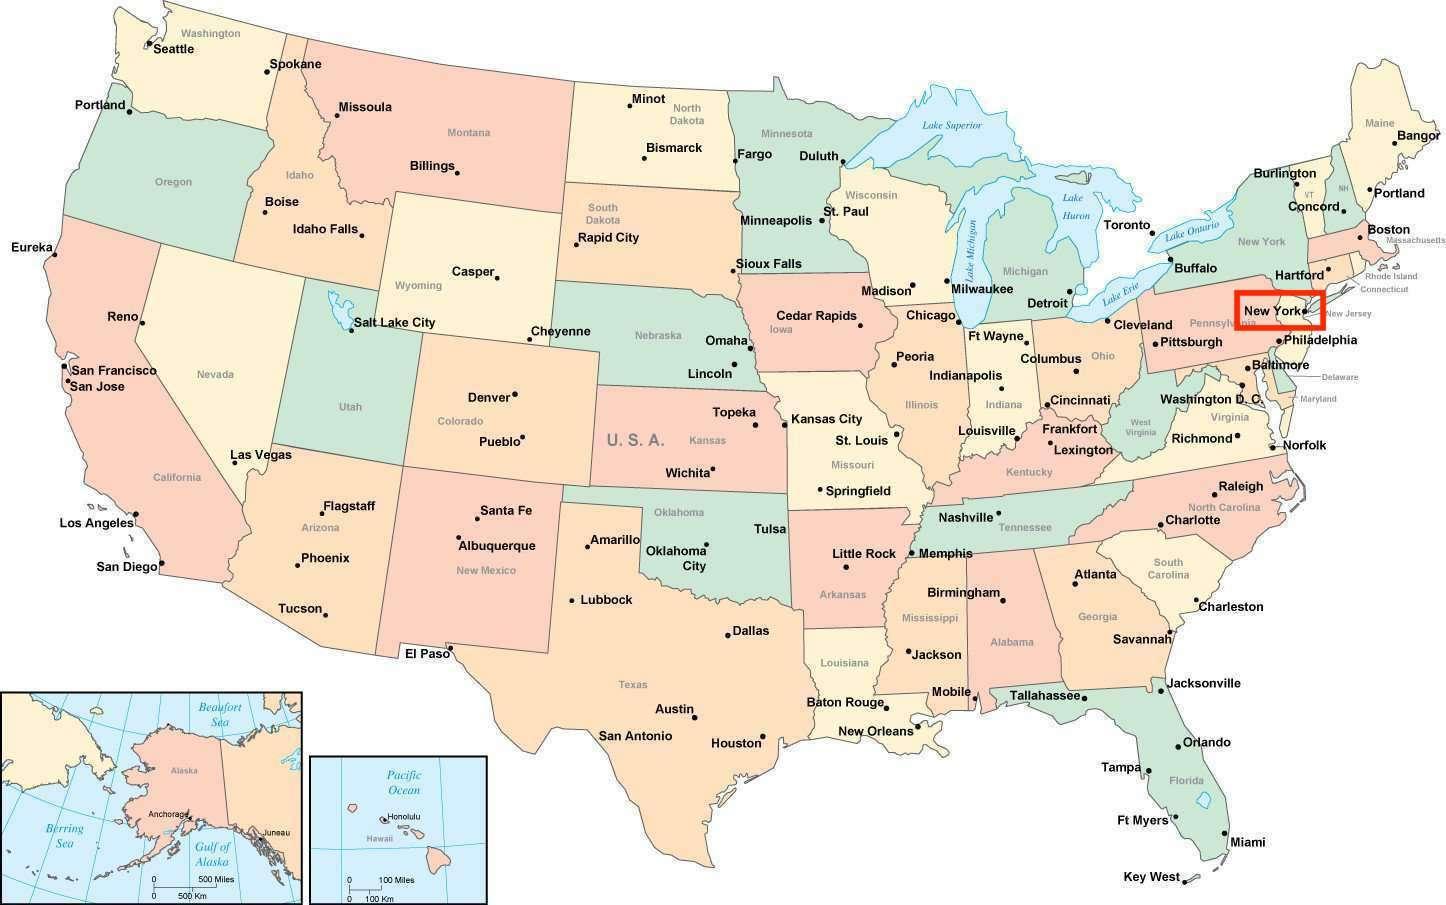 نيويورك خريطة الولايات المتحدة Kharita Blog